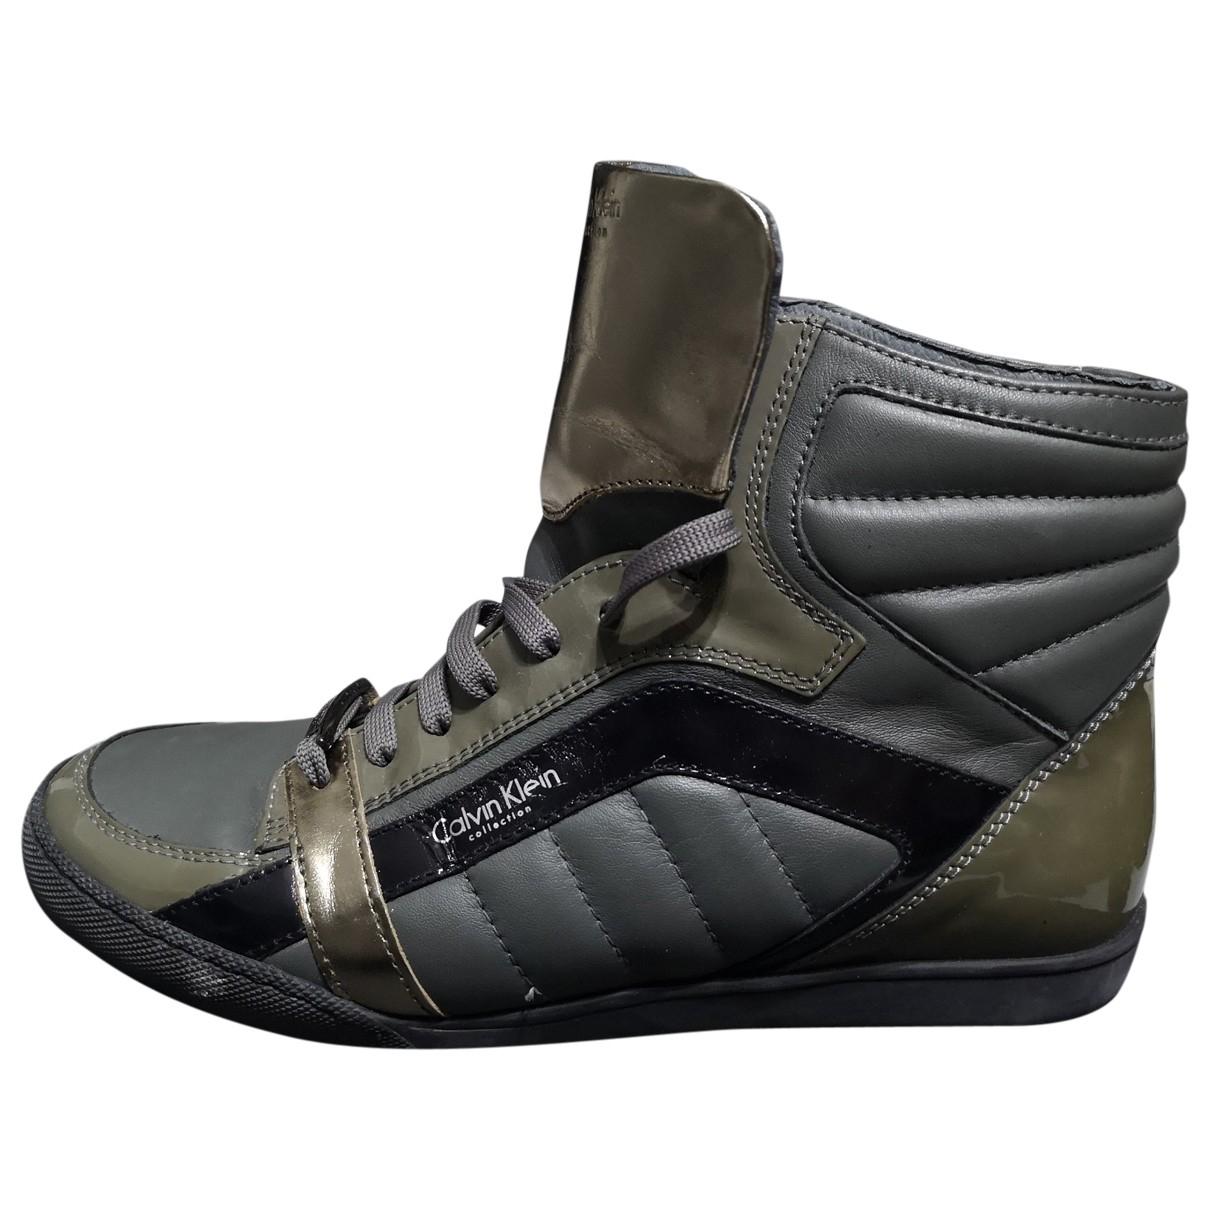 Calvin Klein Collection - Baskets   pour homme en cuir verni - gris